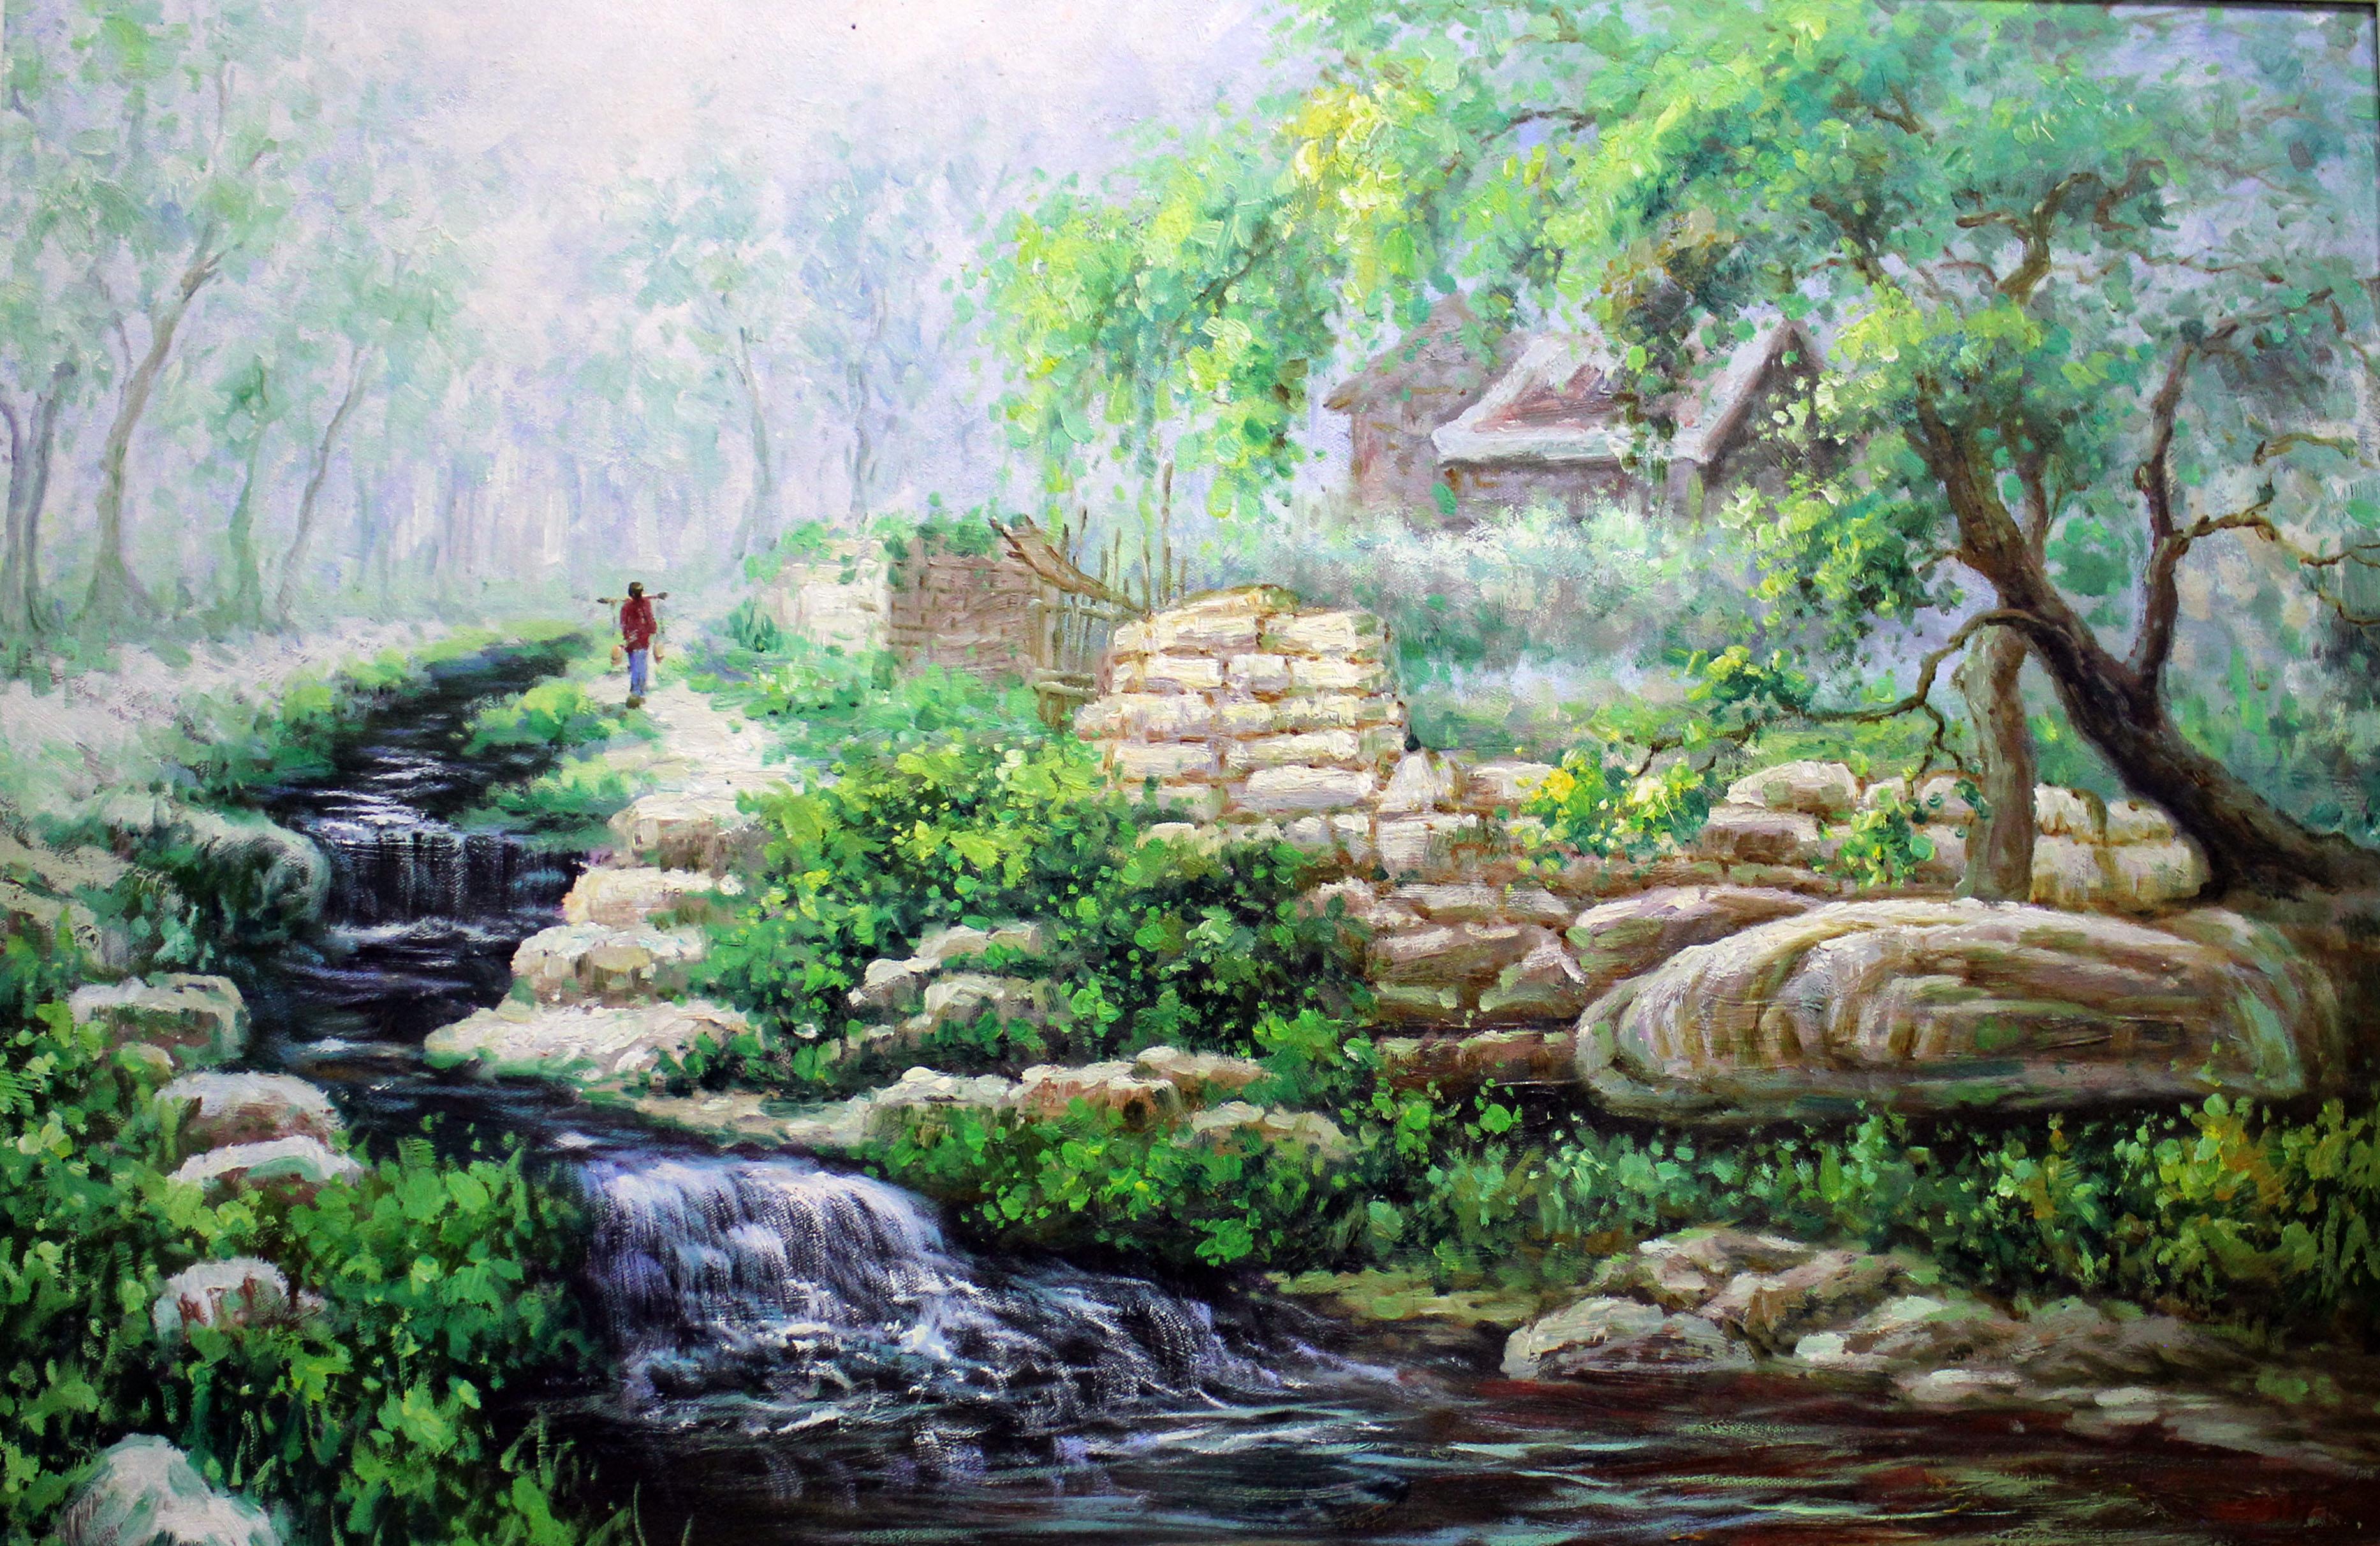 苏州风景画简单